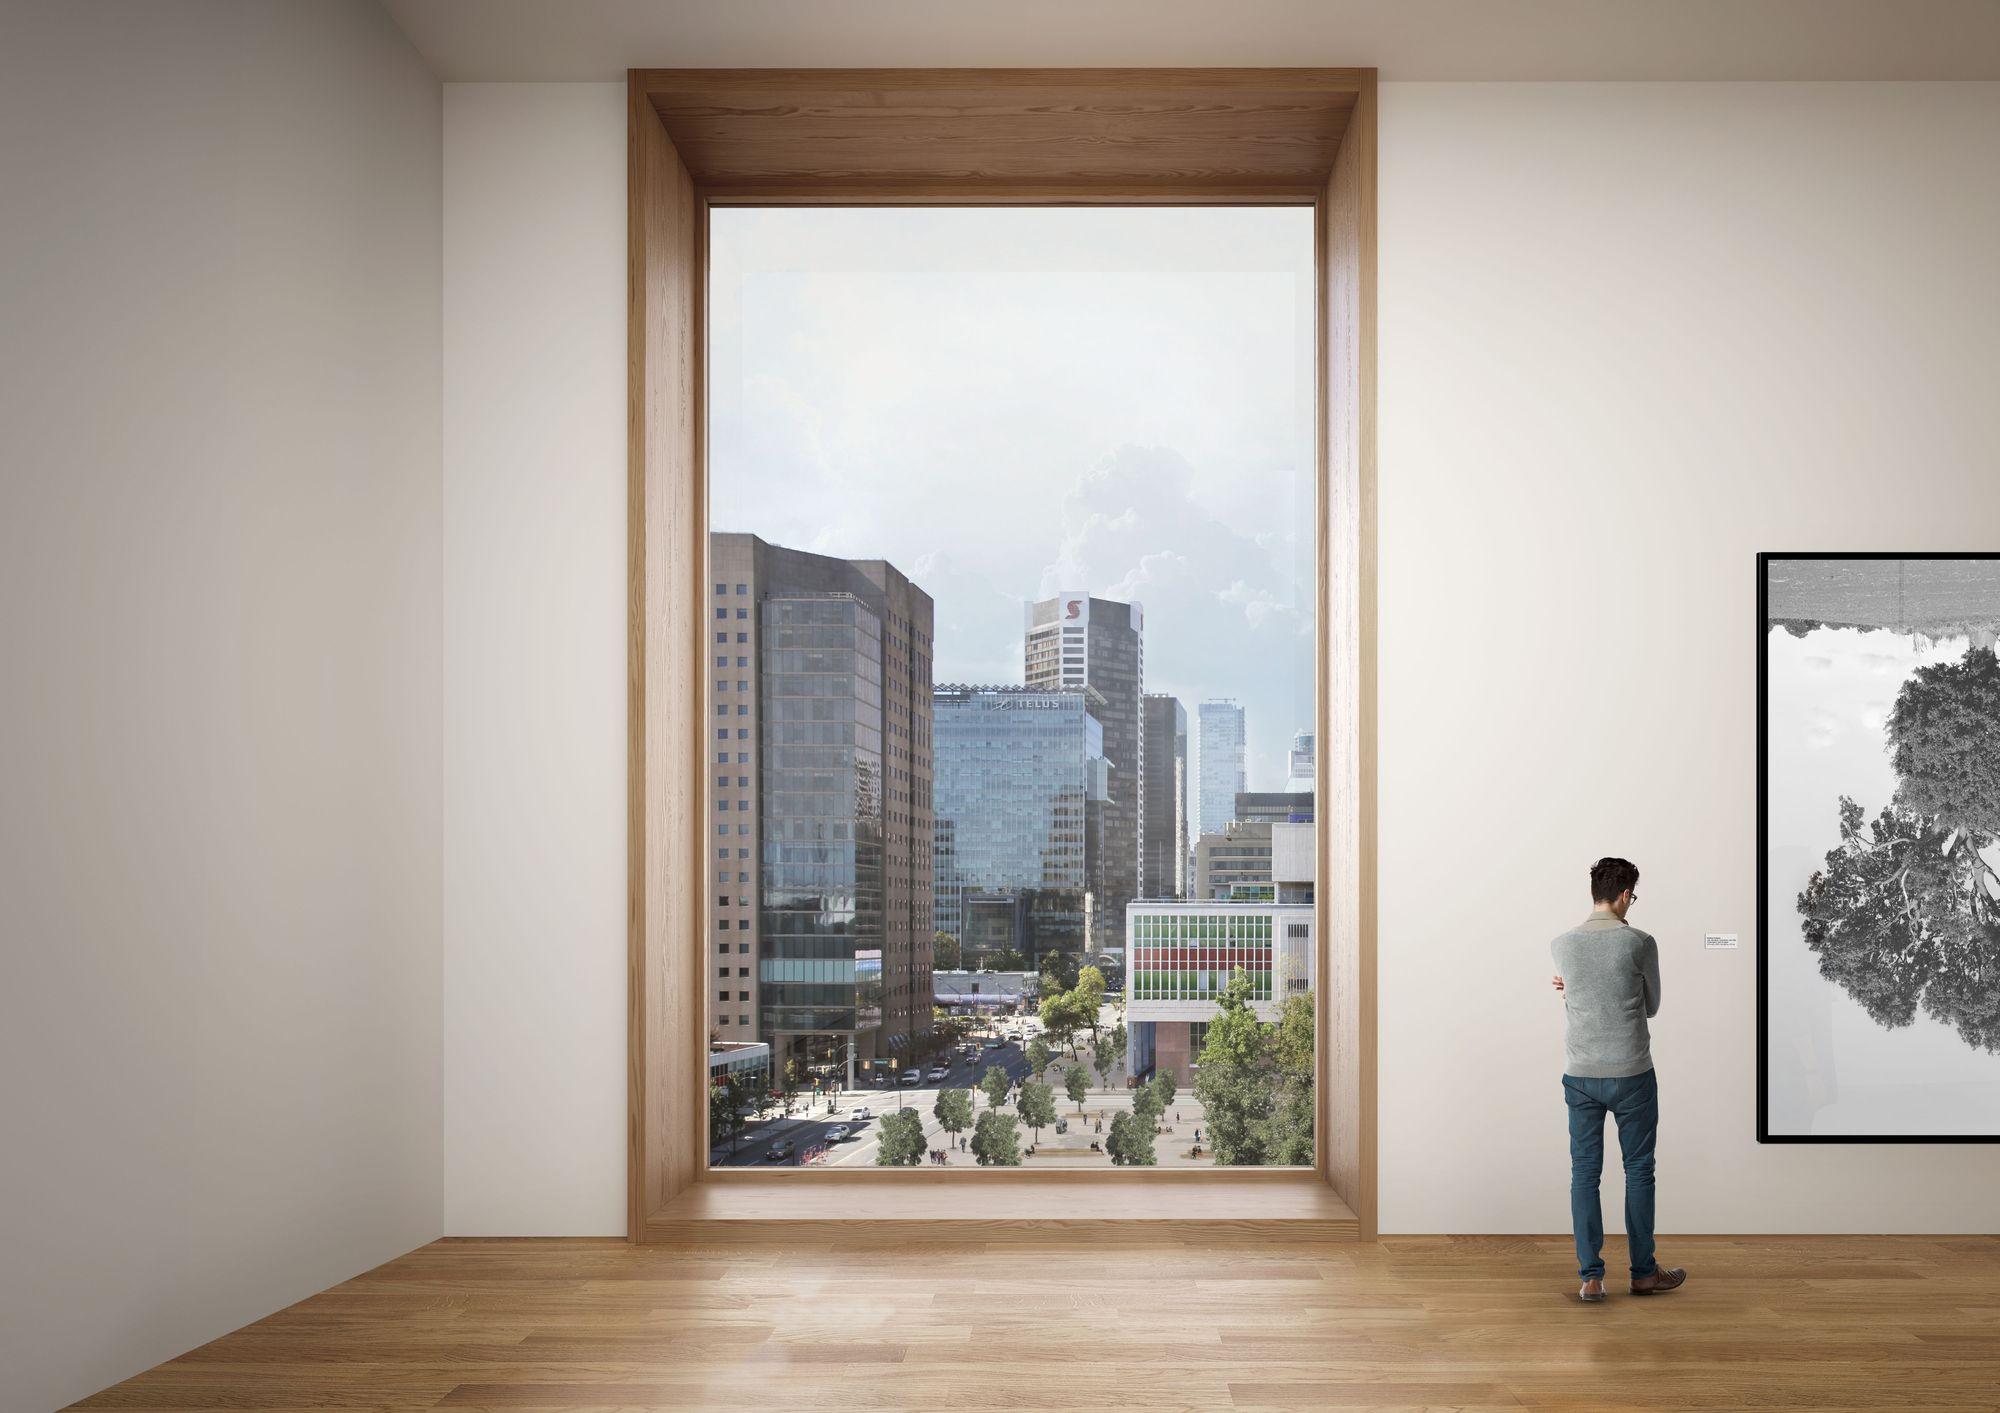 Interior wall design - Galeria De Herzog Amp De Meuron Projeta Nova Galeria De Arte